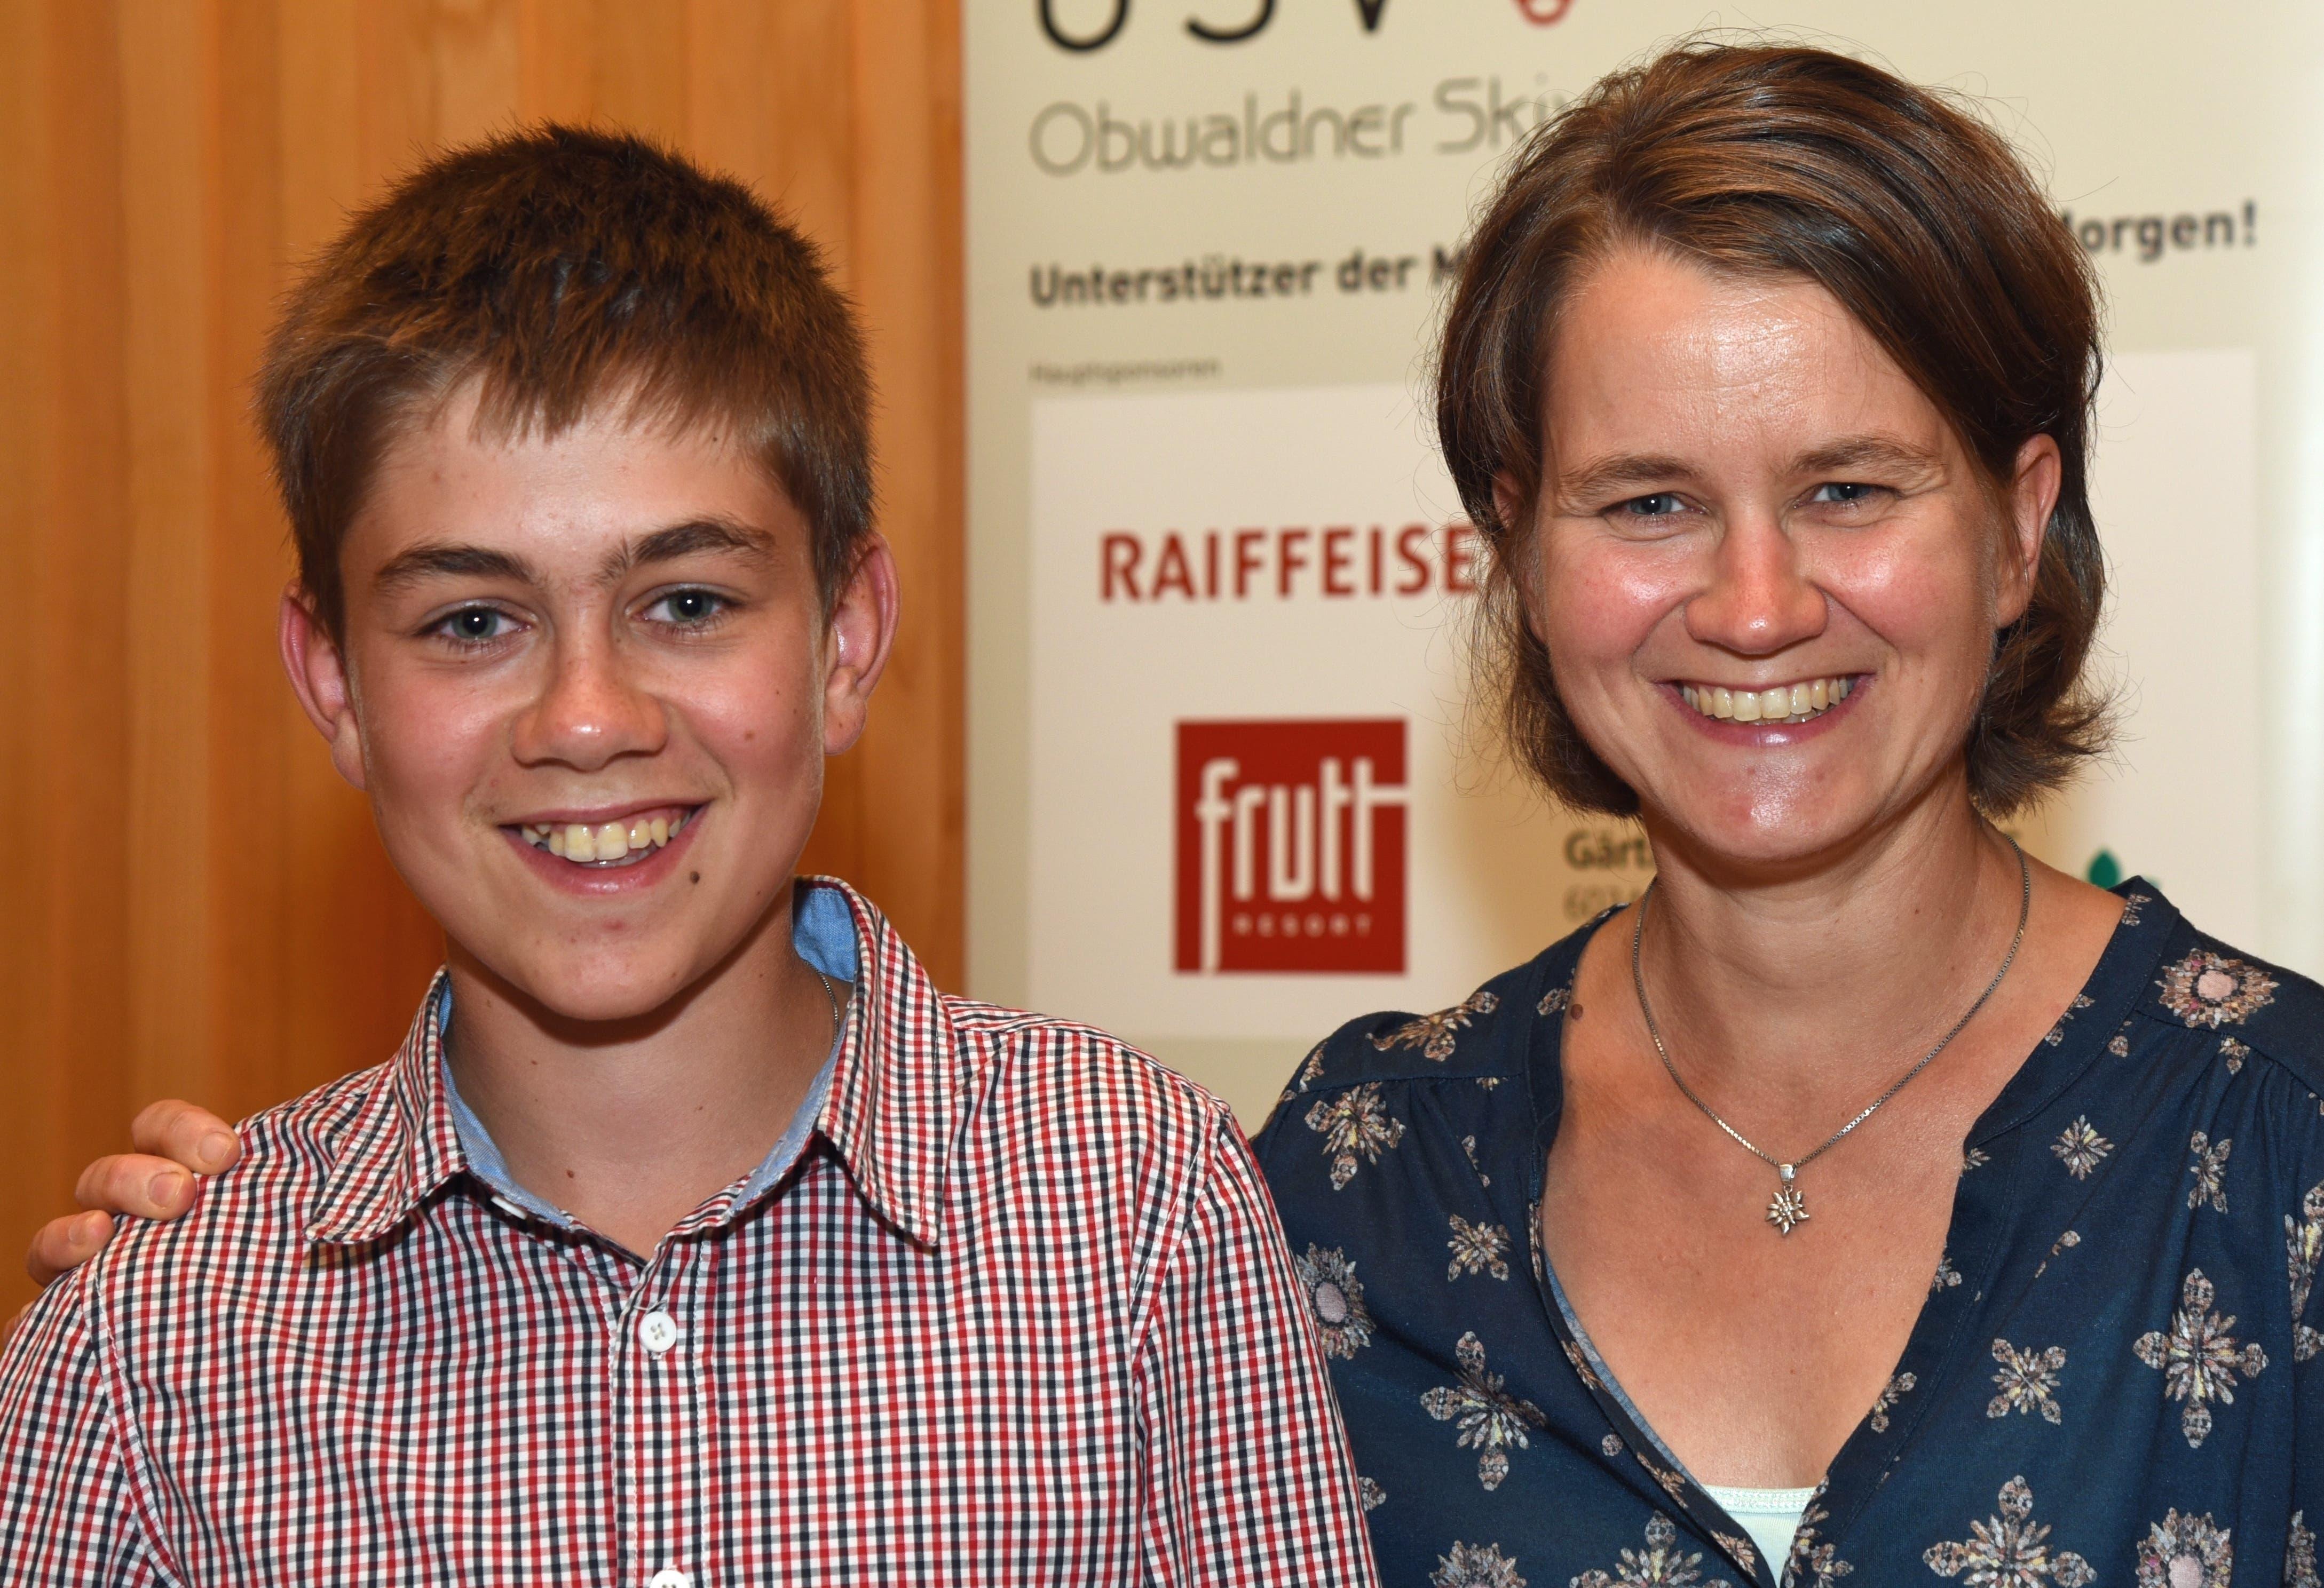 Biathlon-Nachwuchstalent Remo Burch und Conny Burch-Huber, Ramersberg (Mutter und Förderin). Bild: Robert Hess (Sarnen, 15. September 2018)